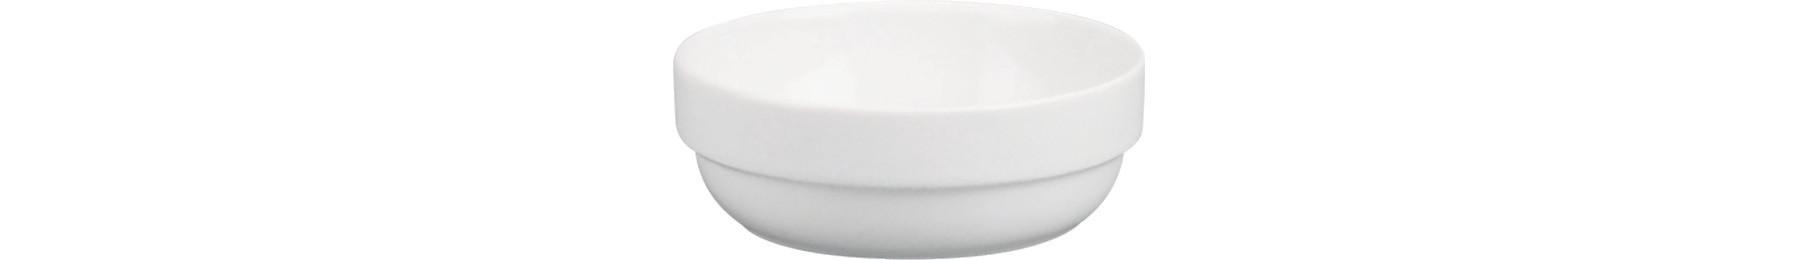 898/598, Salat rund ø 100 mm / 0,14 l Form 898